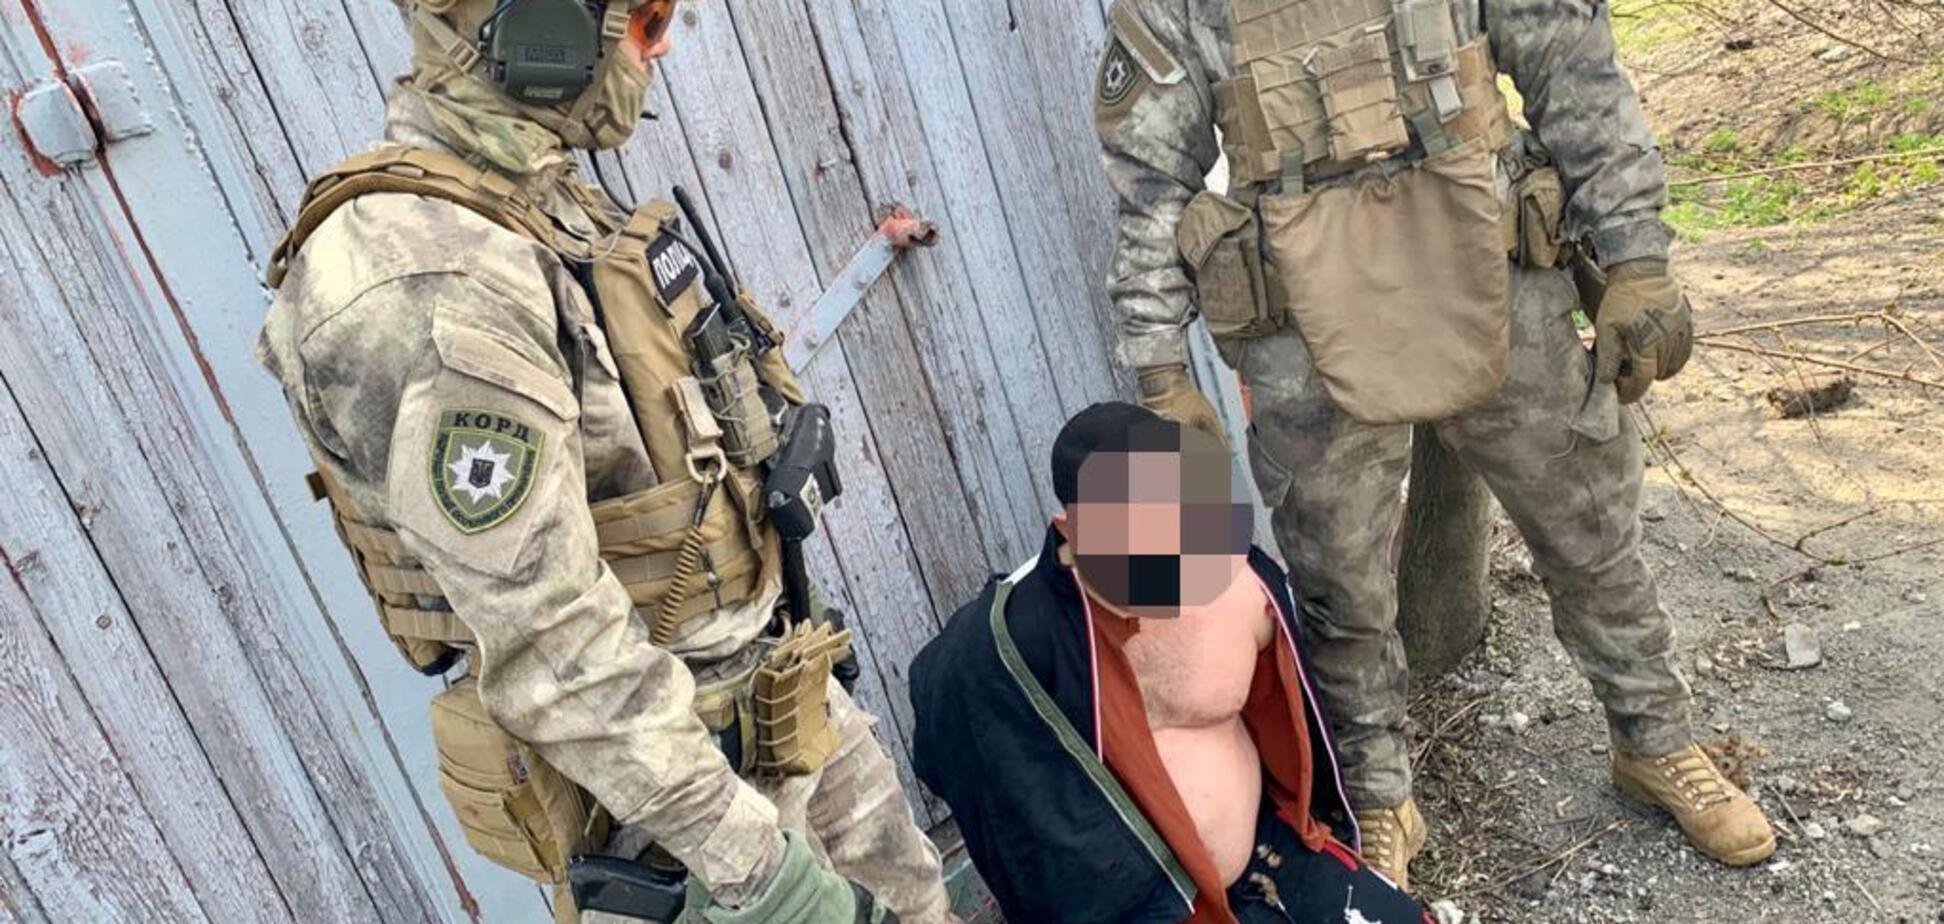 Грабували і били людей: у Дніпрі затримали ватажка злочинного угруповання